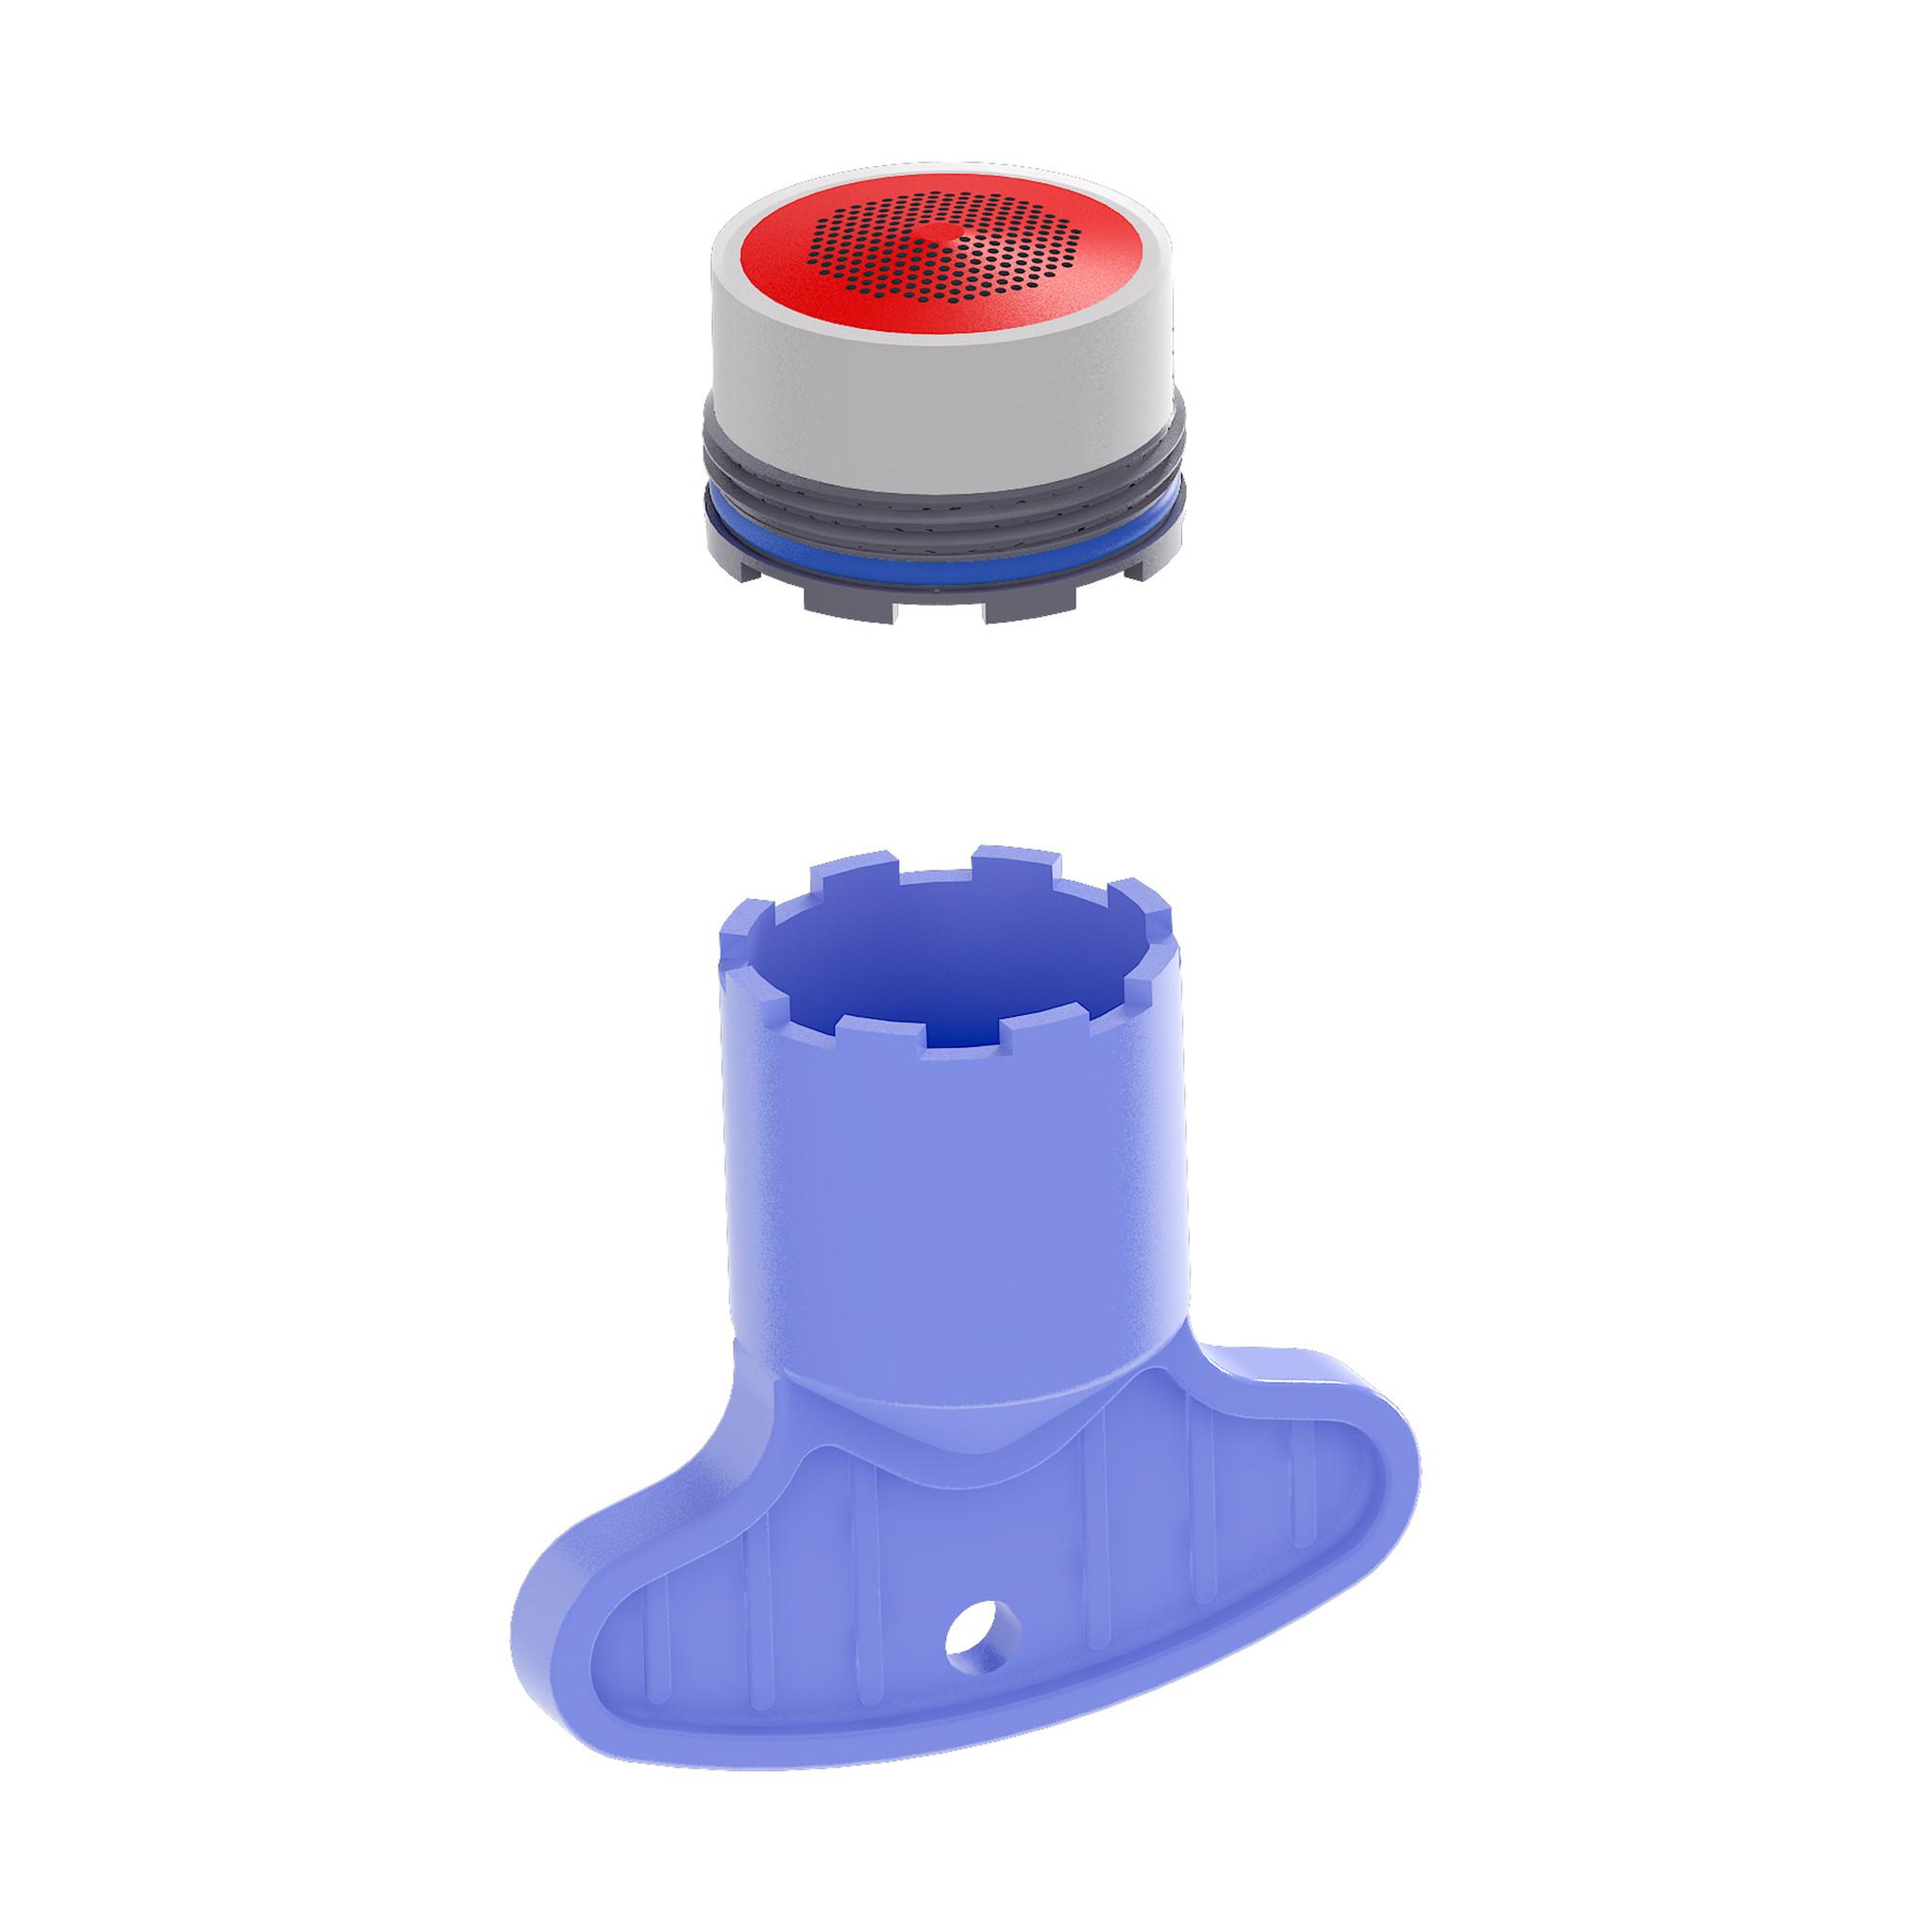 Kaldur Aérateur avec clé pour mitigeurs pour baignoires en îlot Kaldur et Xo CL/06.04012.29 et CL/06.04013.29